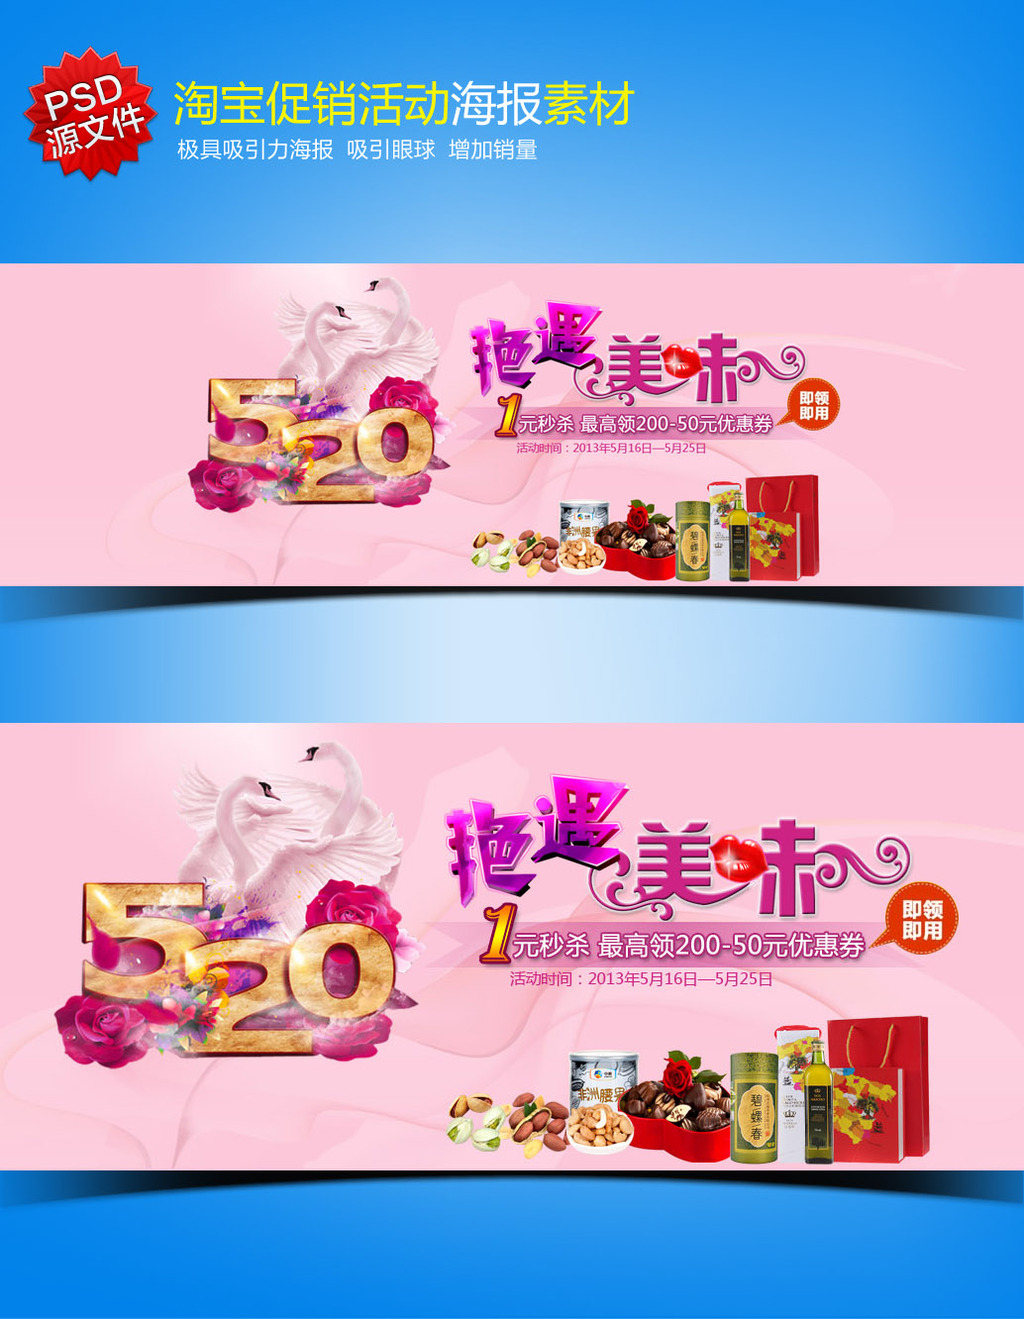 海报 模板/[版权图片]淘宝美食食品全屏促销海报模板